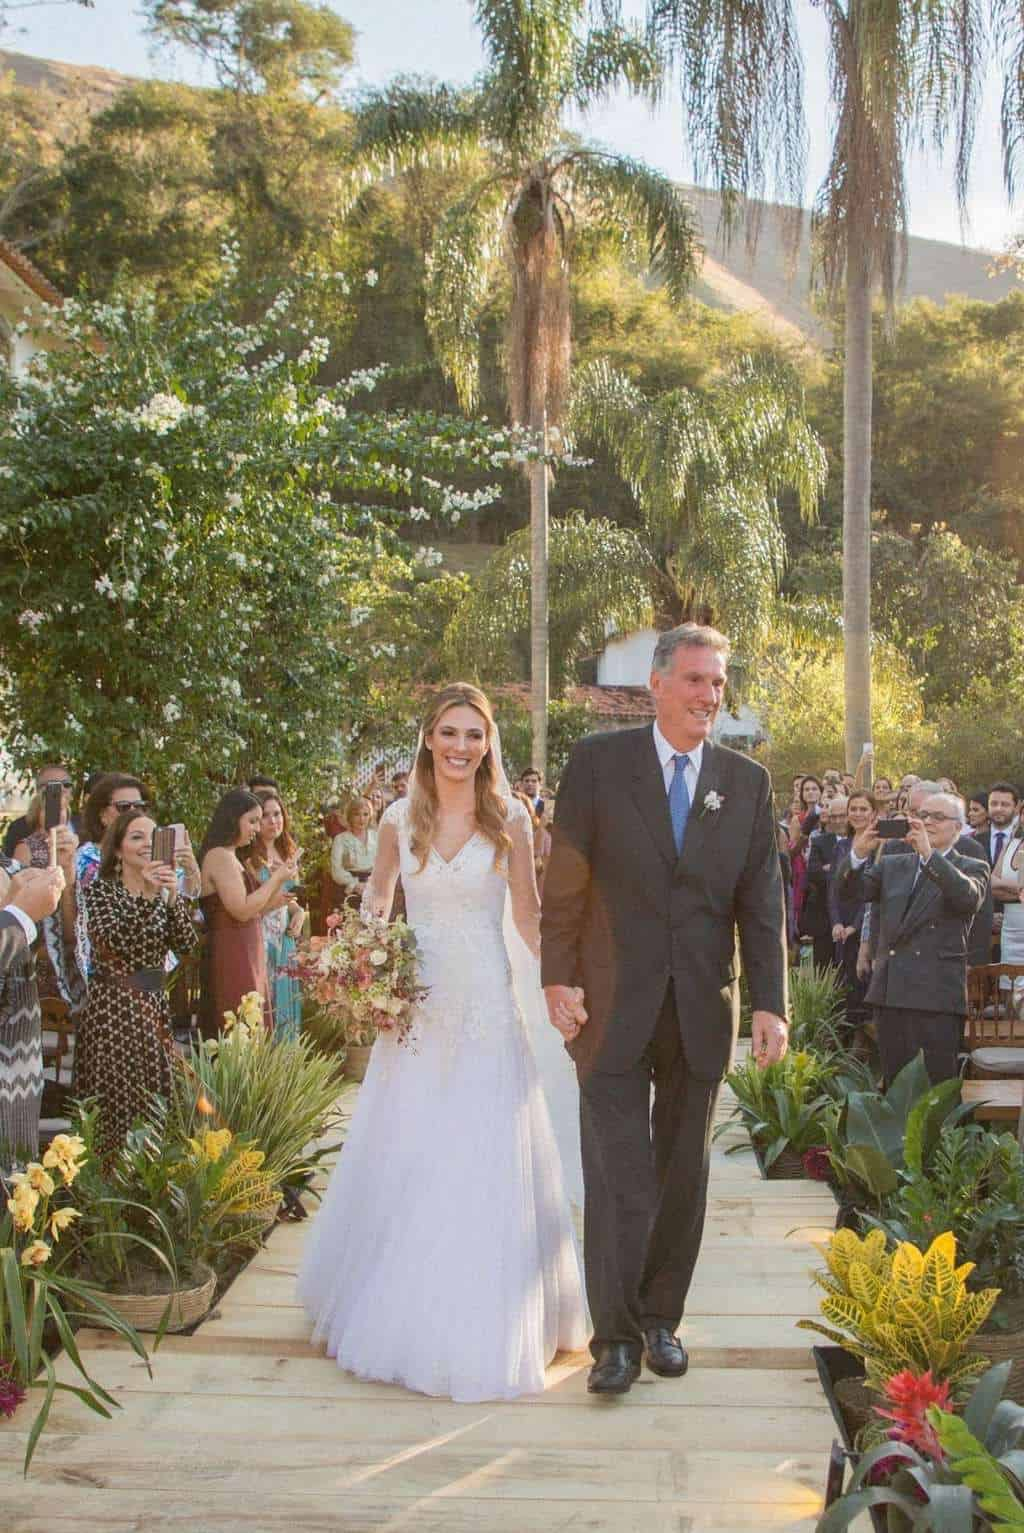 casamento-Camila-e-Diogo-casamento-na-fazenda-casamento-na-serra-casamento-romântico-cerimônia-destination-wedding-Fazenda-Santo-Antonio-Fotografia-Rodrigo-Sack-53-e1536935693868